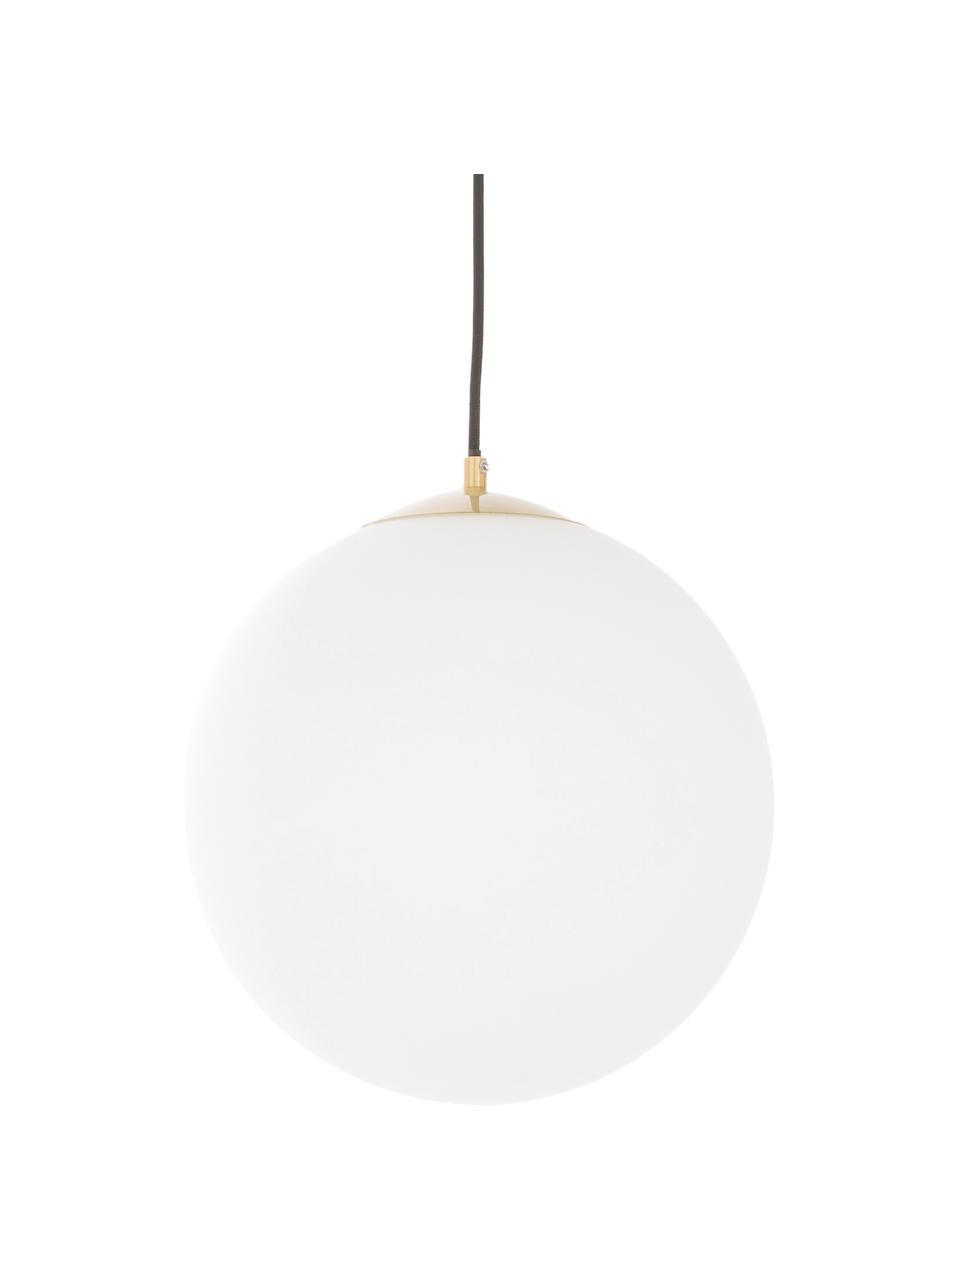 Lampada a sospensione a sfera in vetro Beth, Paralume: vetro opale, Baldacchino: metallo ottonato, Decorazione: metallo ottonato, Bianco, ottone, Ø 30 cm